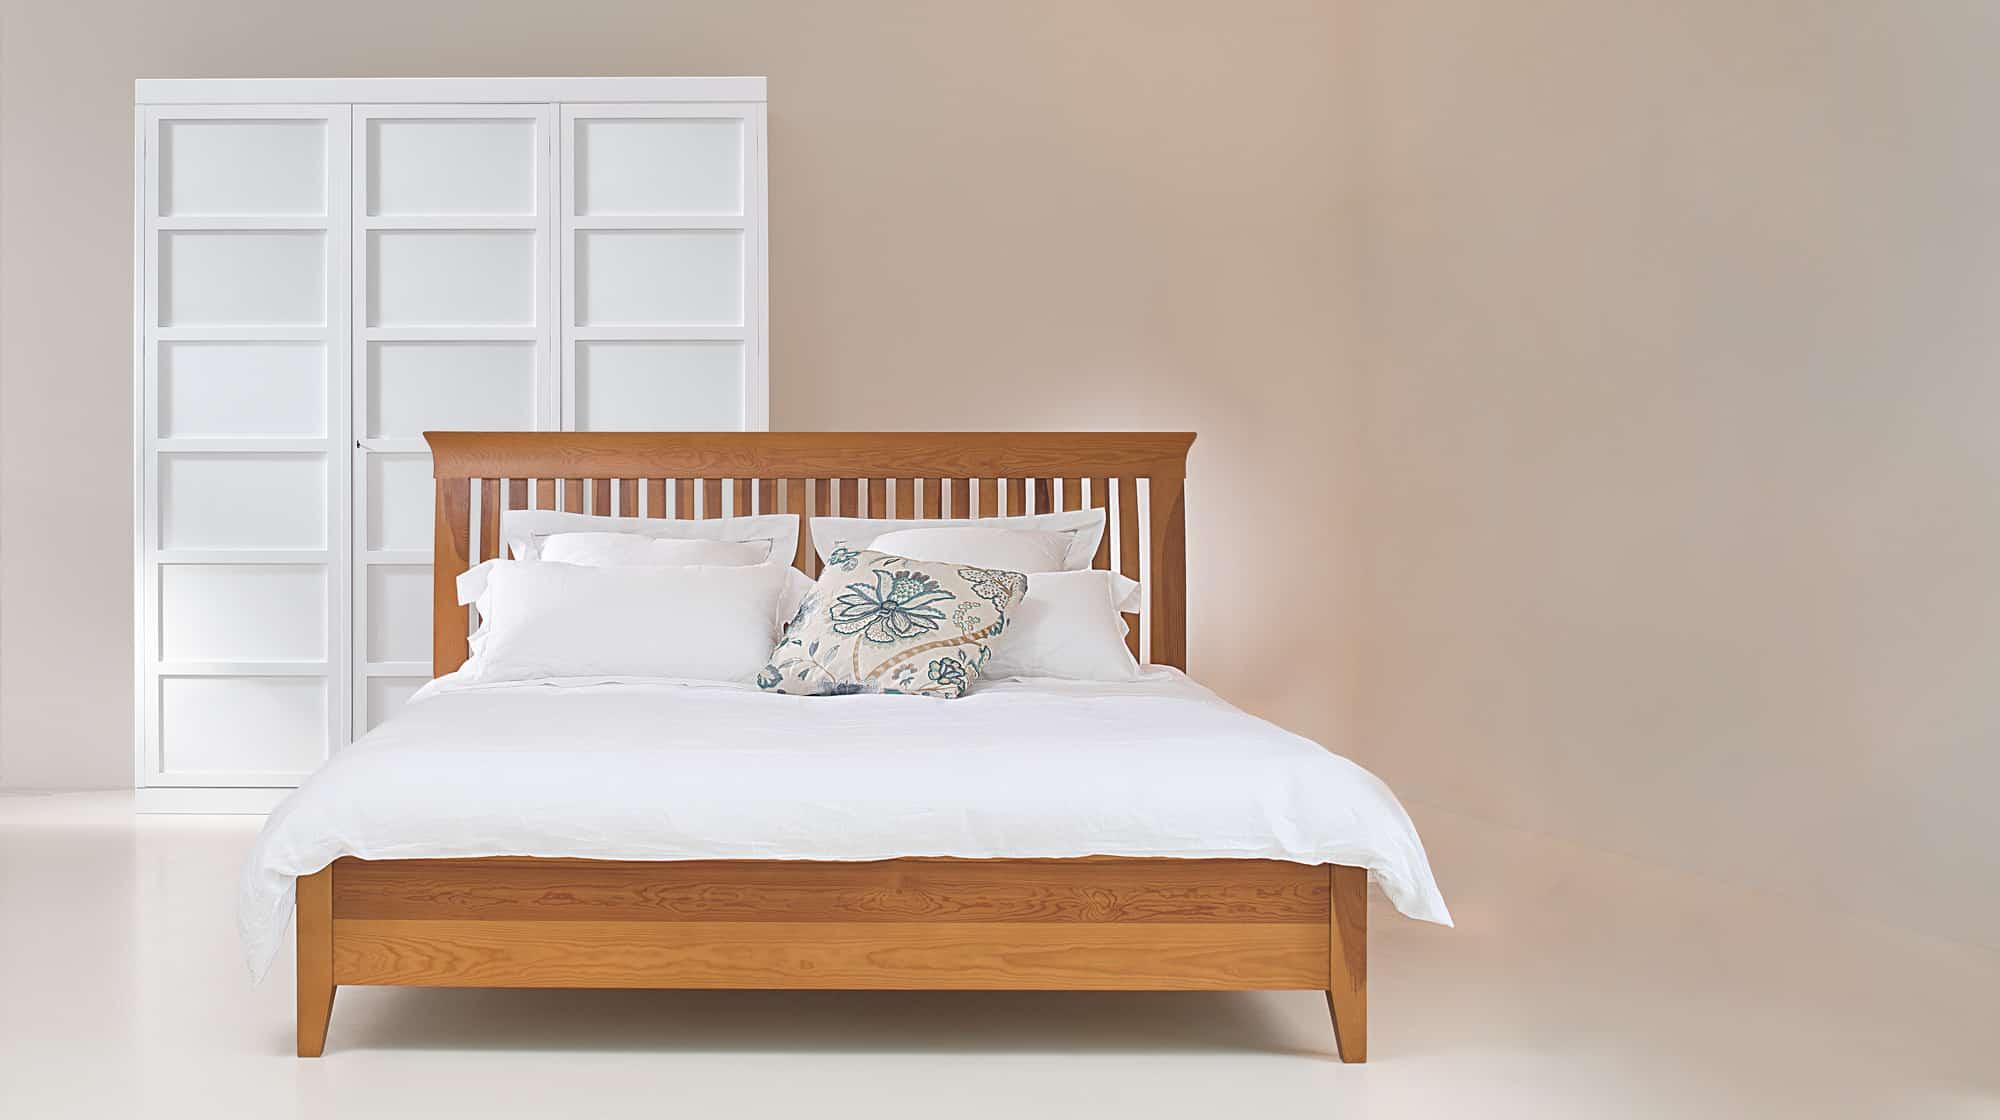 Betten – MARKTEX